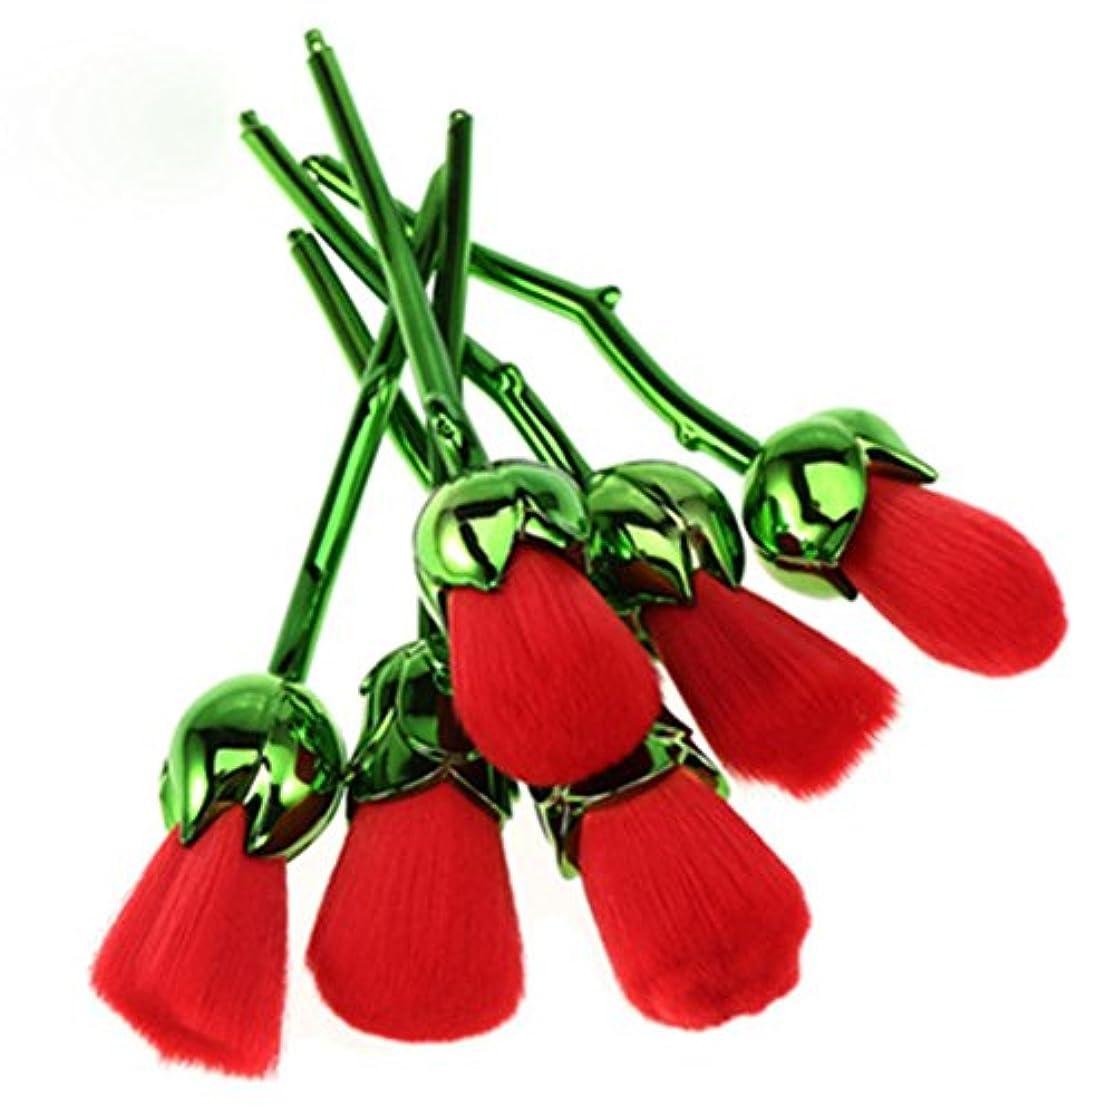 山岳等しい内向きディラビューティー(Dilla Beauty) メイクブラシ 薔薇 メイクブラシセット 人気 ファンデーションブラシ 化粧筆 可愛い 化粧ブラシ セット パウダーブラシ フェイスブラシ ローズ メイクブラシ 6本セット ケース付き (グリーン - レッド)